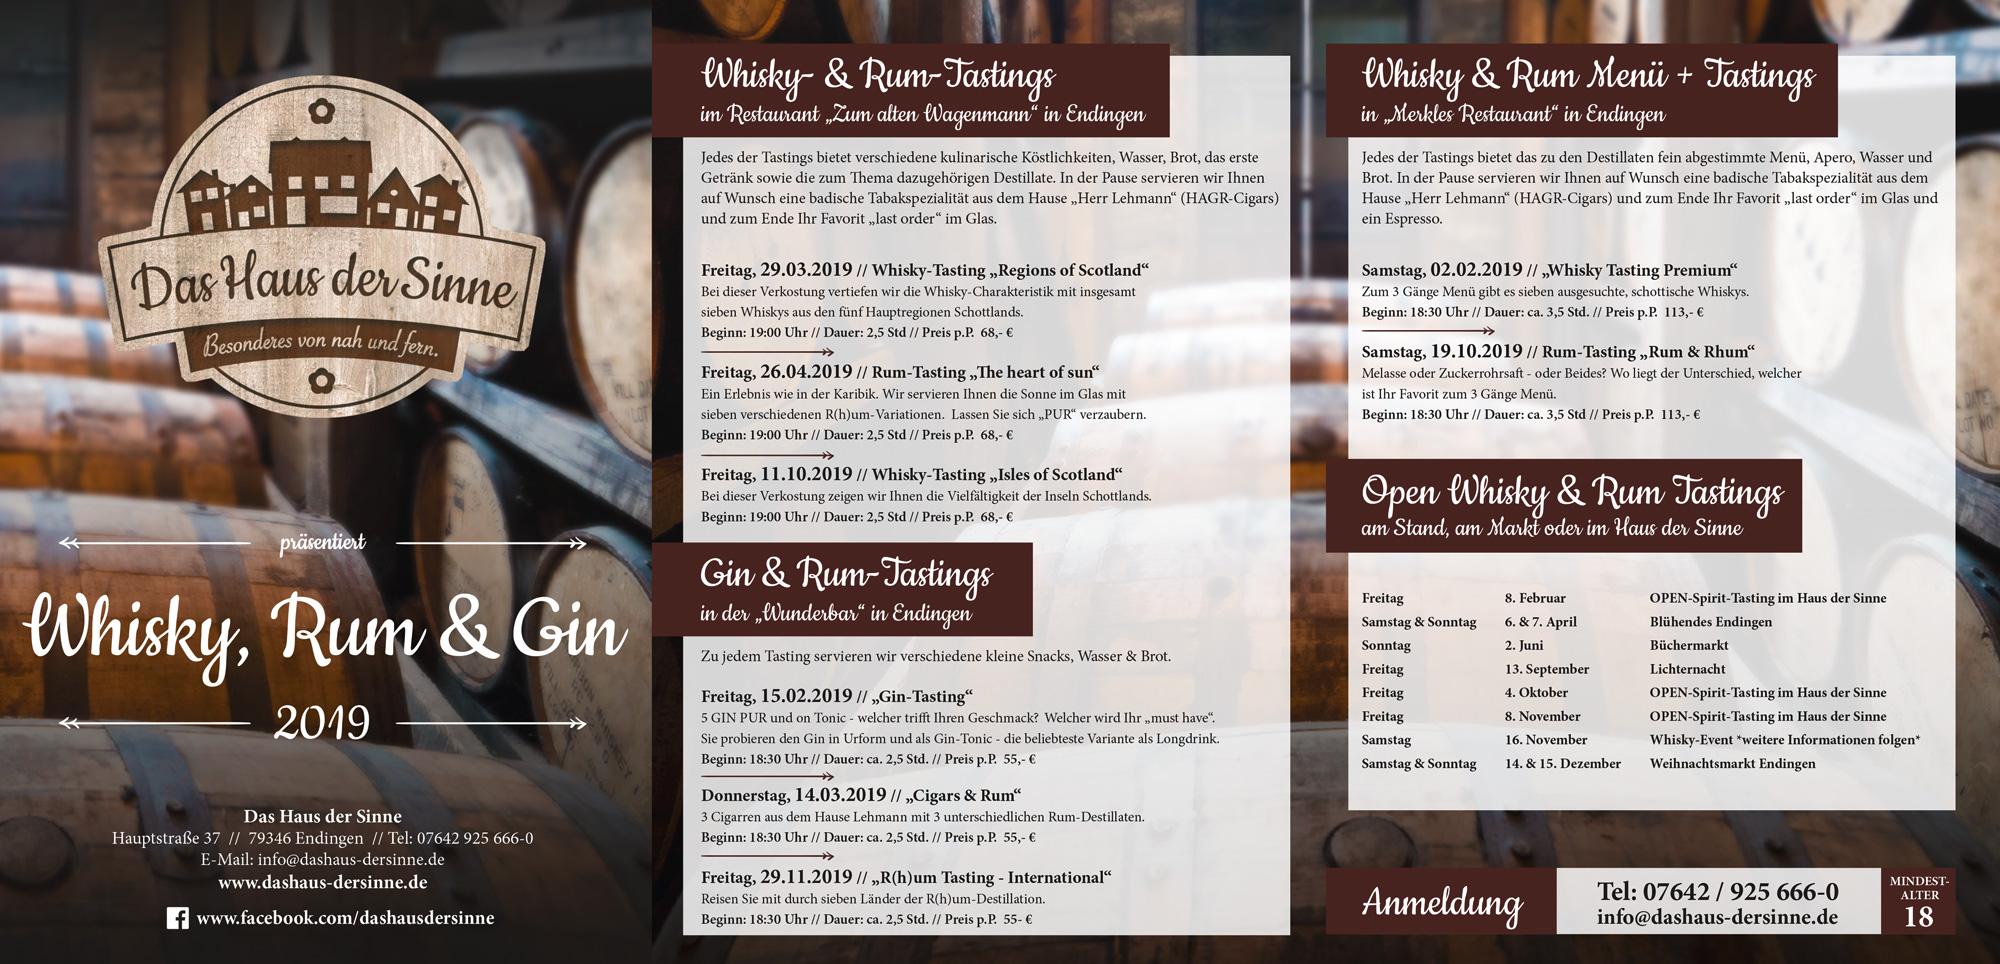 Whisky und Rum - Haus der Sinne Endingen